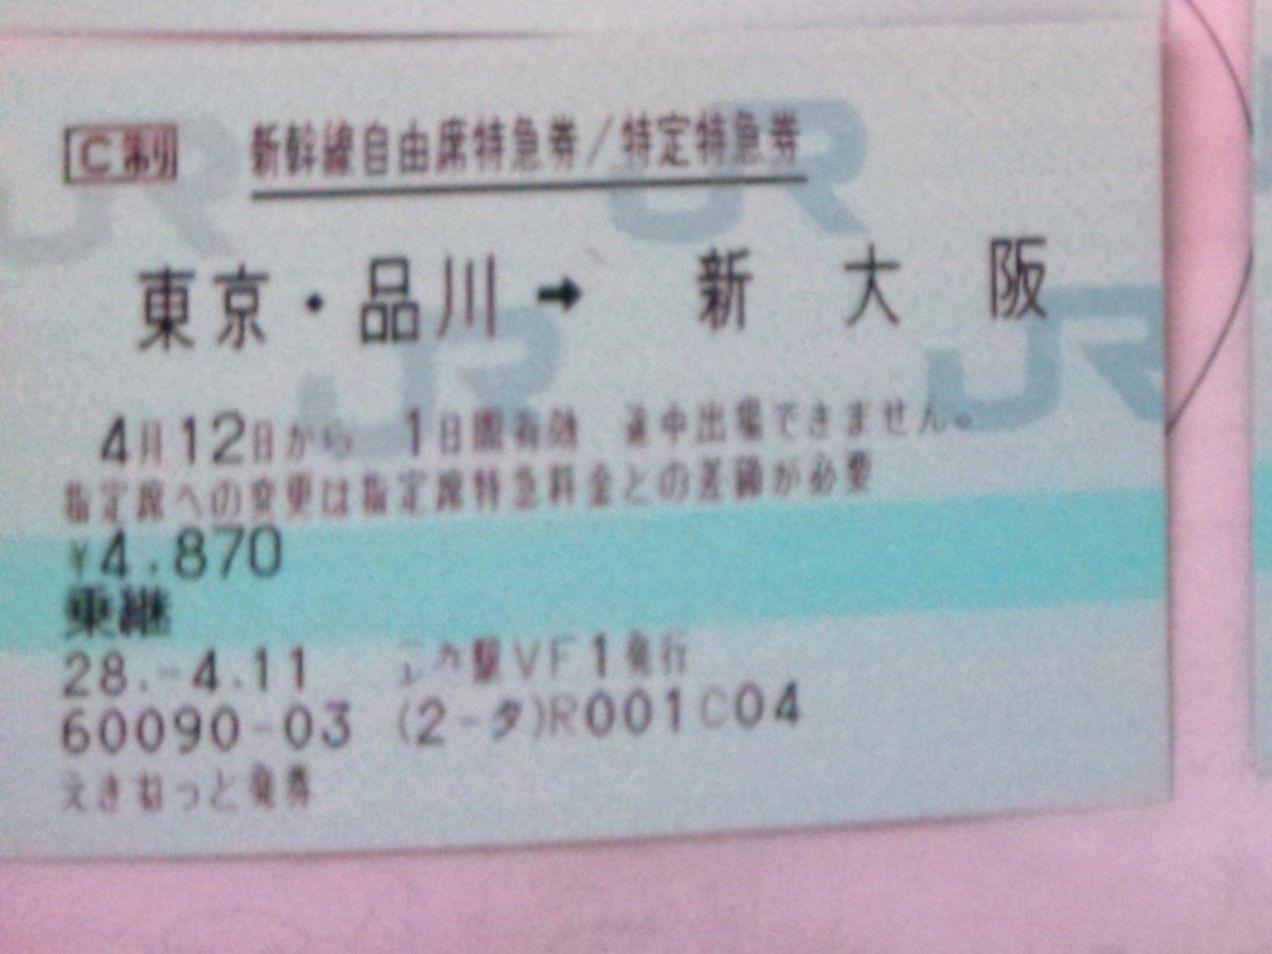 新幹線 東京 から 大阪